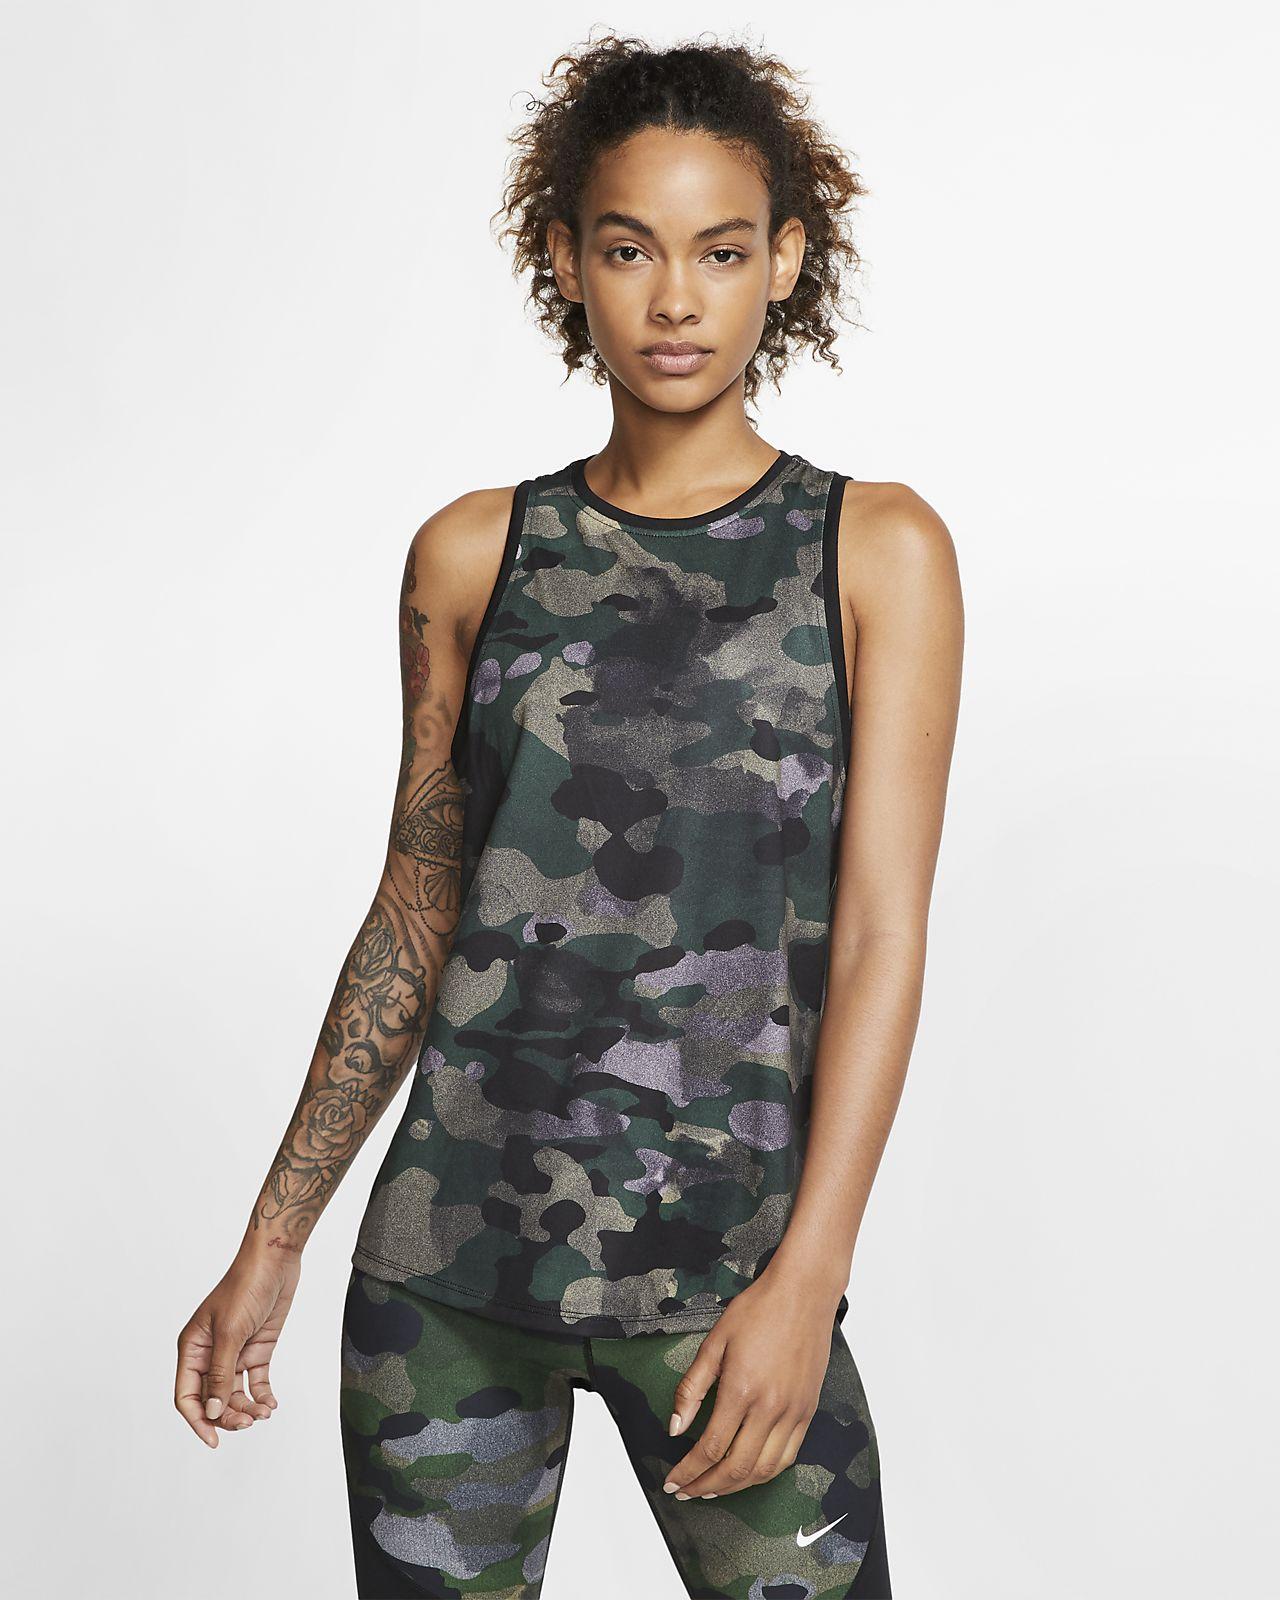 Nike Dri-FIT-camotræningstanktop til kvinder